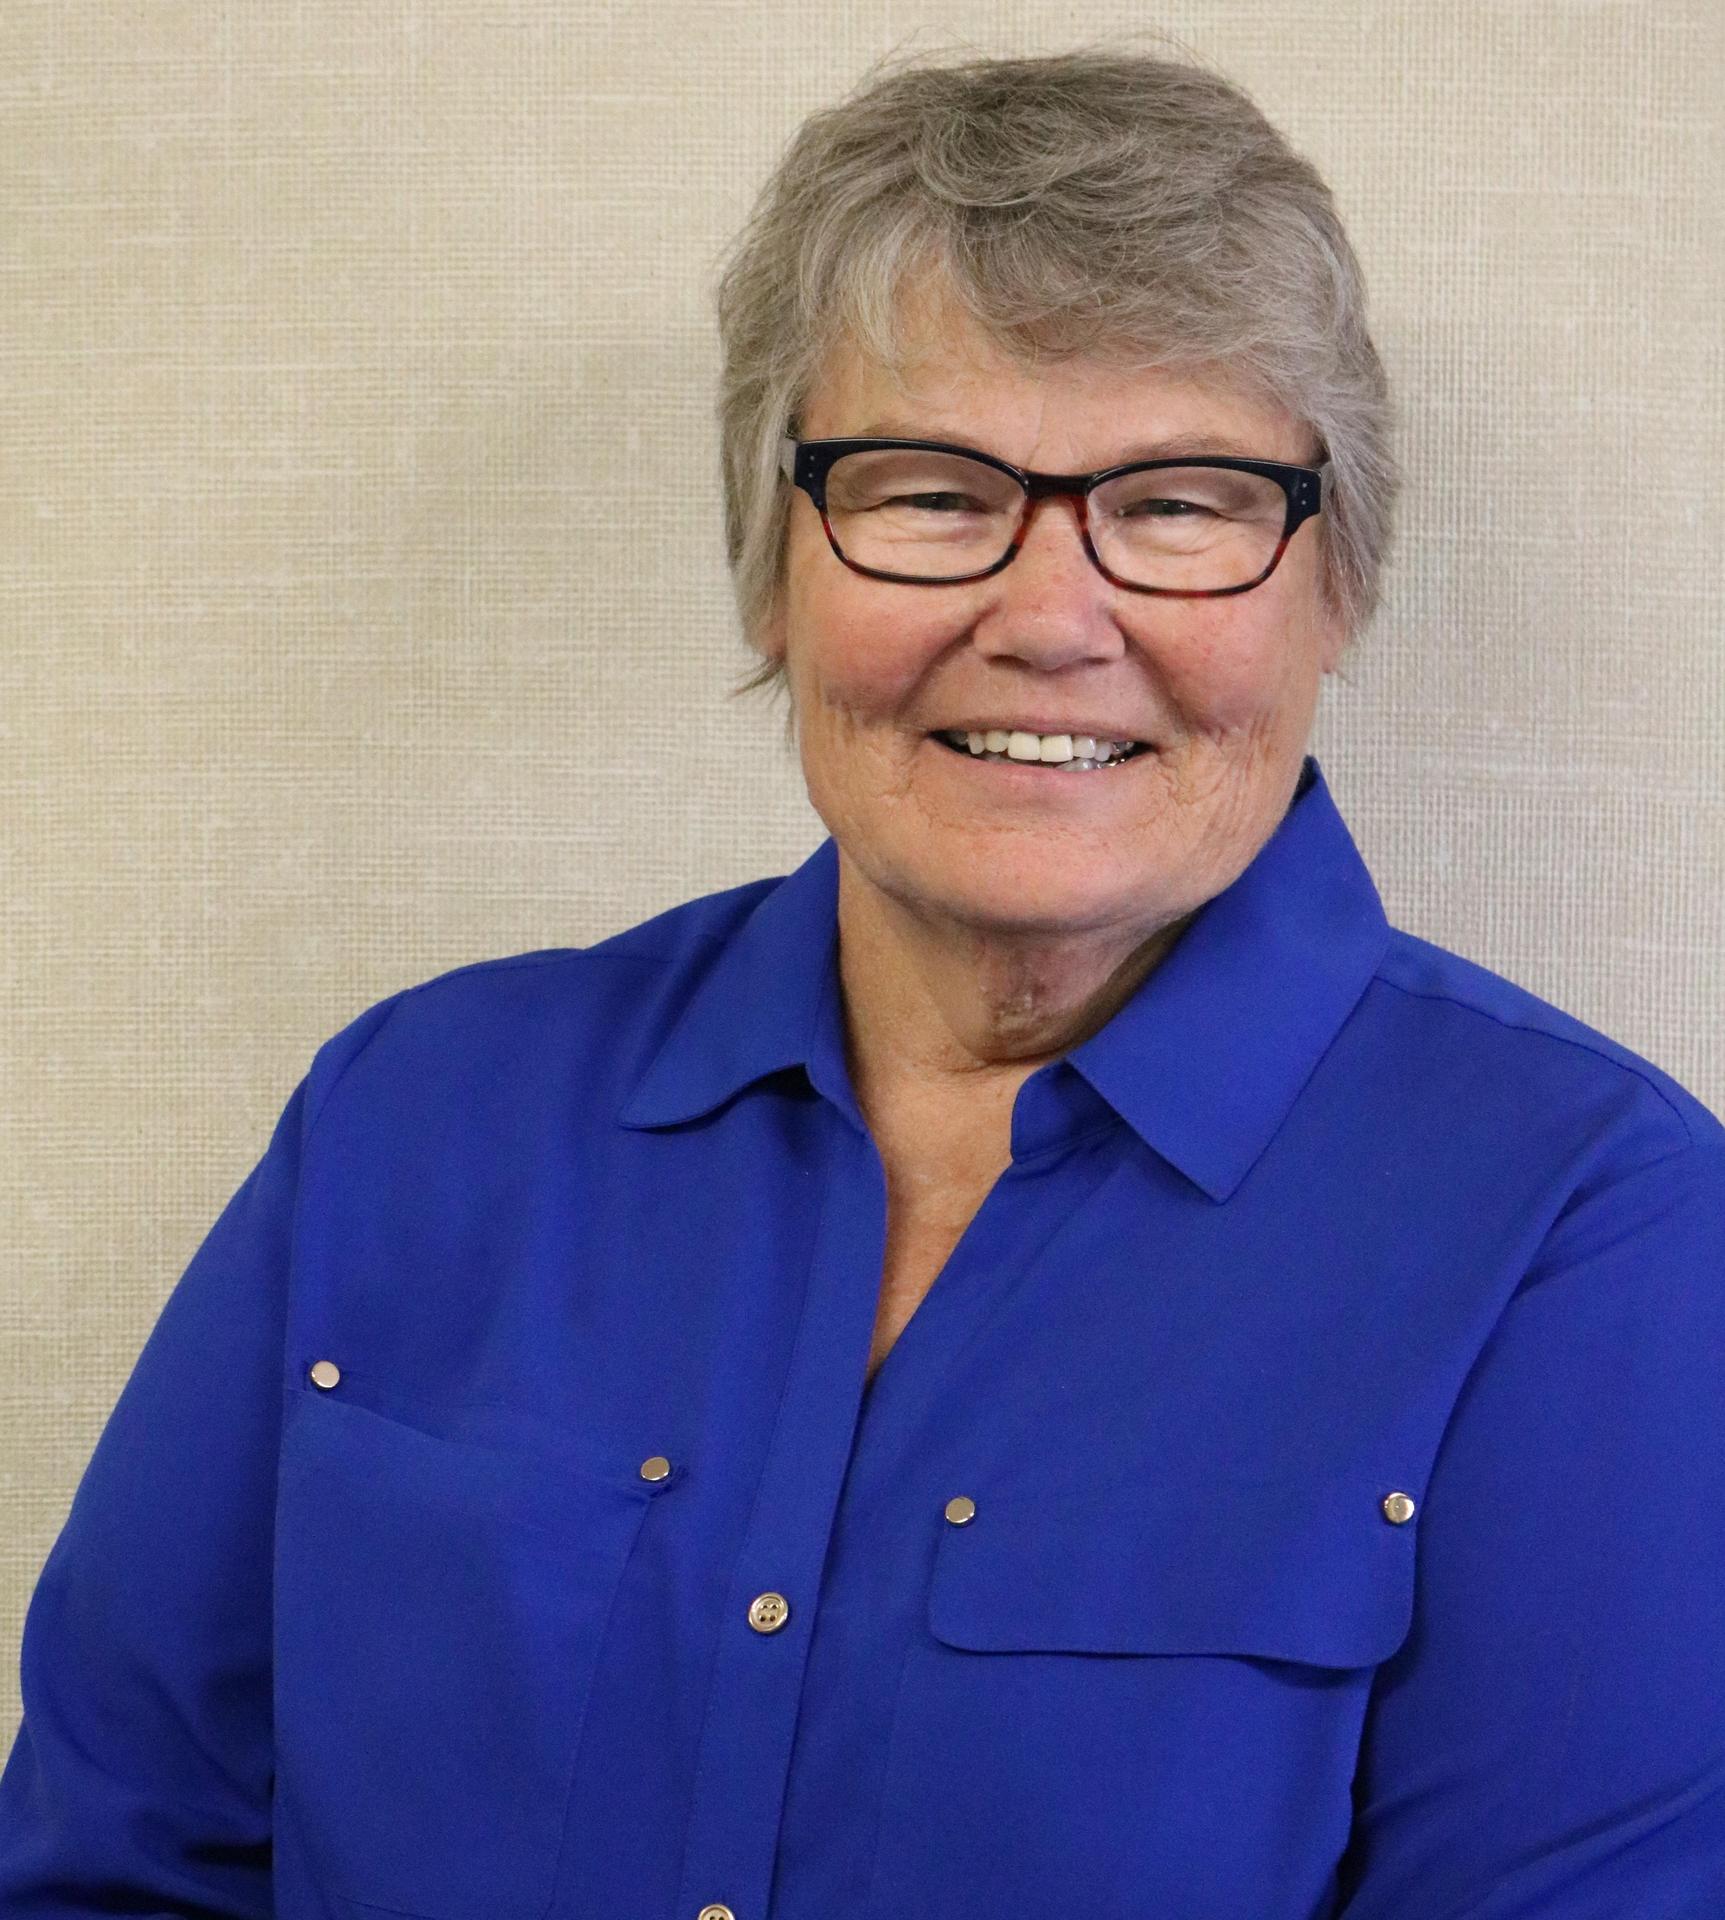 Linda Benway